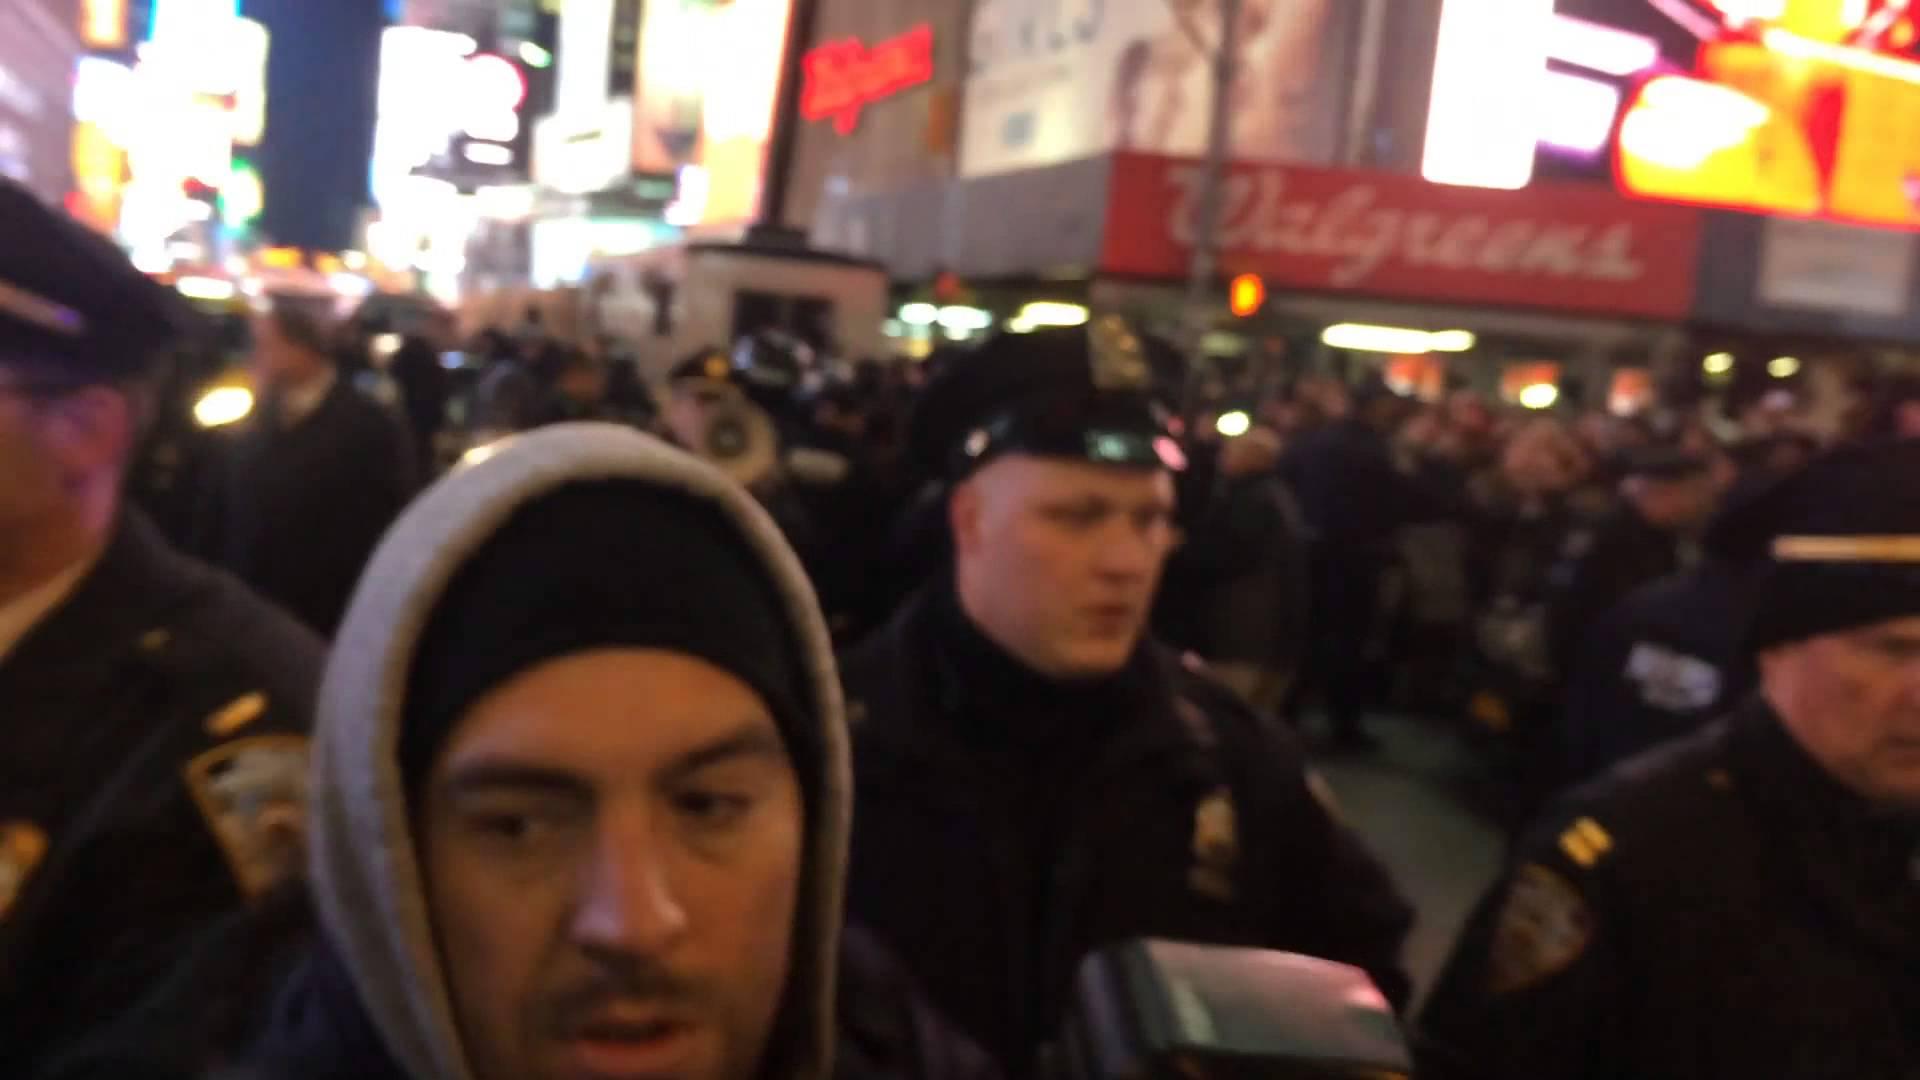 NYPD Violently Push Back Eric Garner Protestors